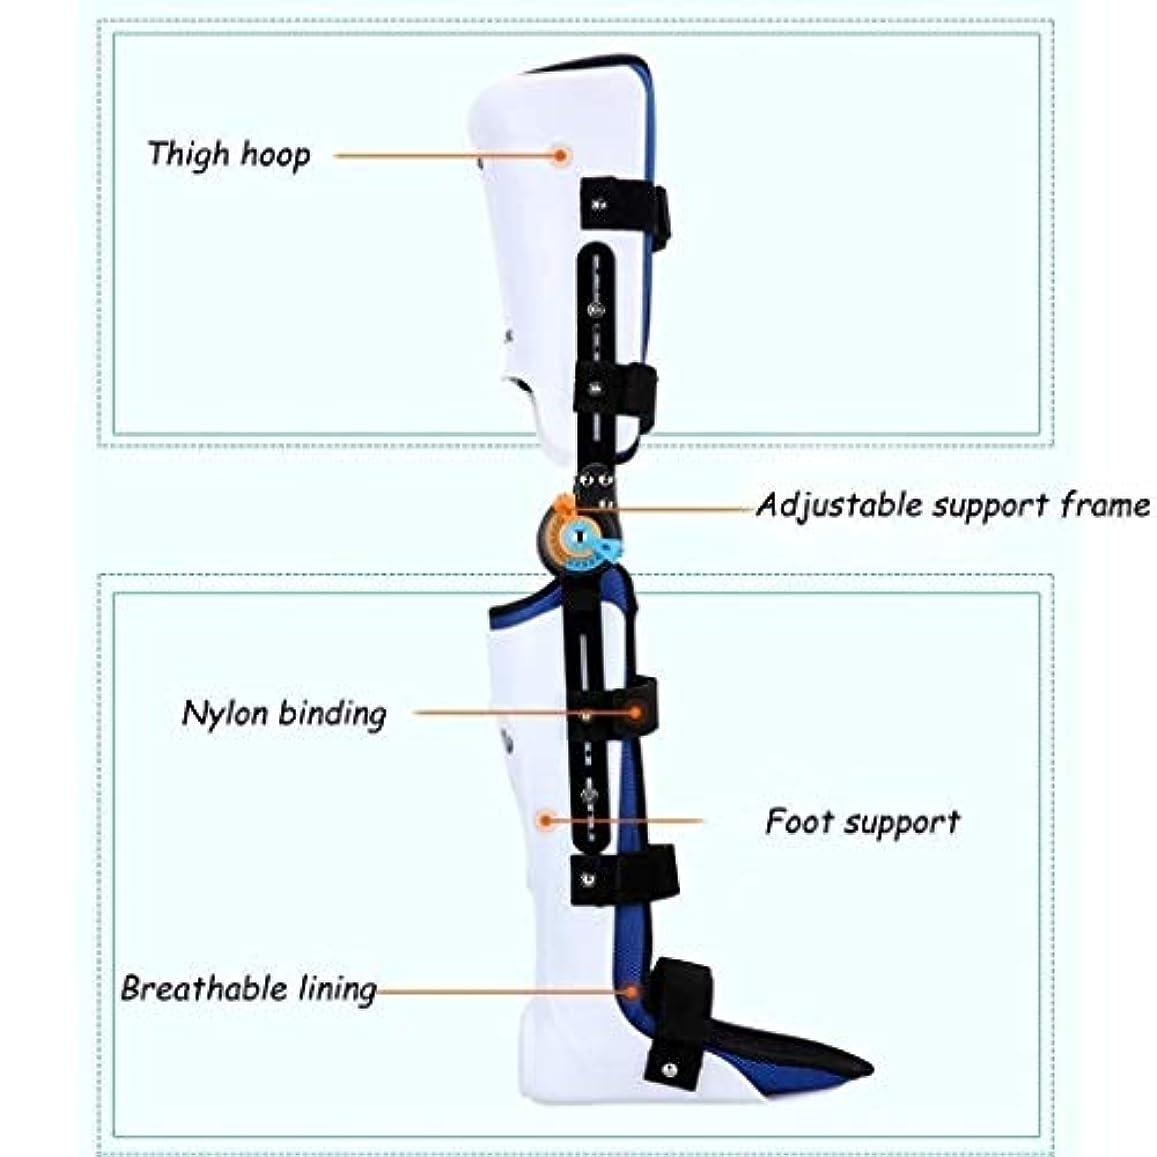 アーサーコナンドイルガイダンスリビジョンヒンジ付きROM膝ブレース、膝蓋骨損傷イモビライザーサポート医療整形外科用ガードプロテクター-ACL、靭帯、スポーツ傷害用の調整可能なフルレッグスタビライザー (Color : As Picture, Size : Left)